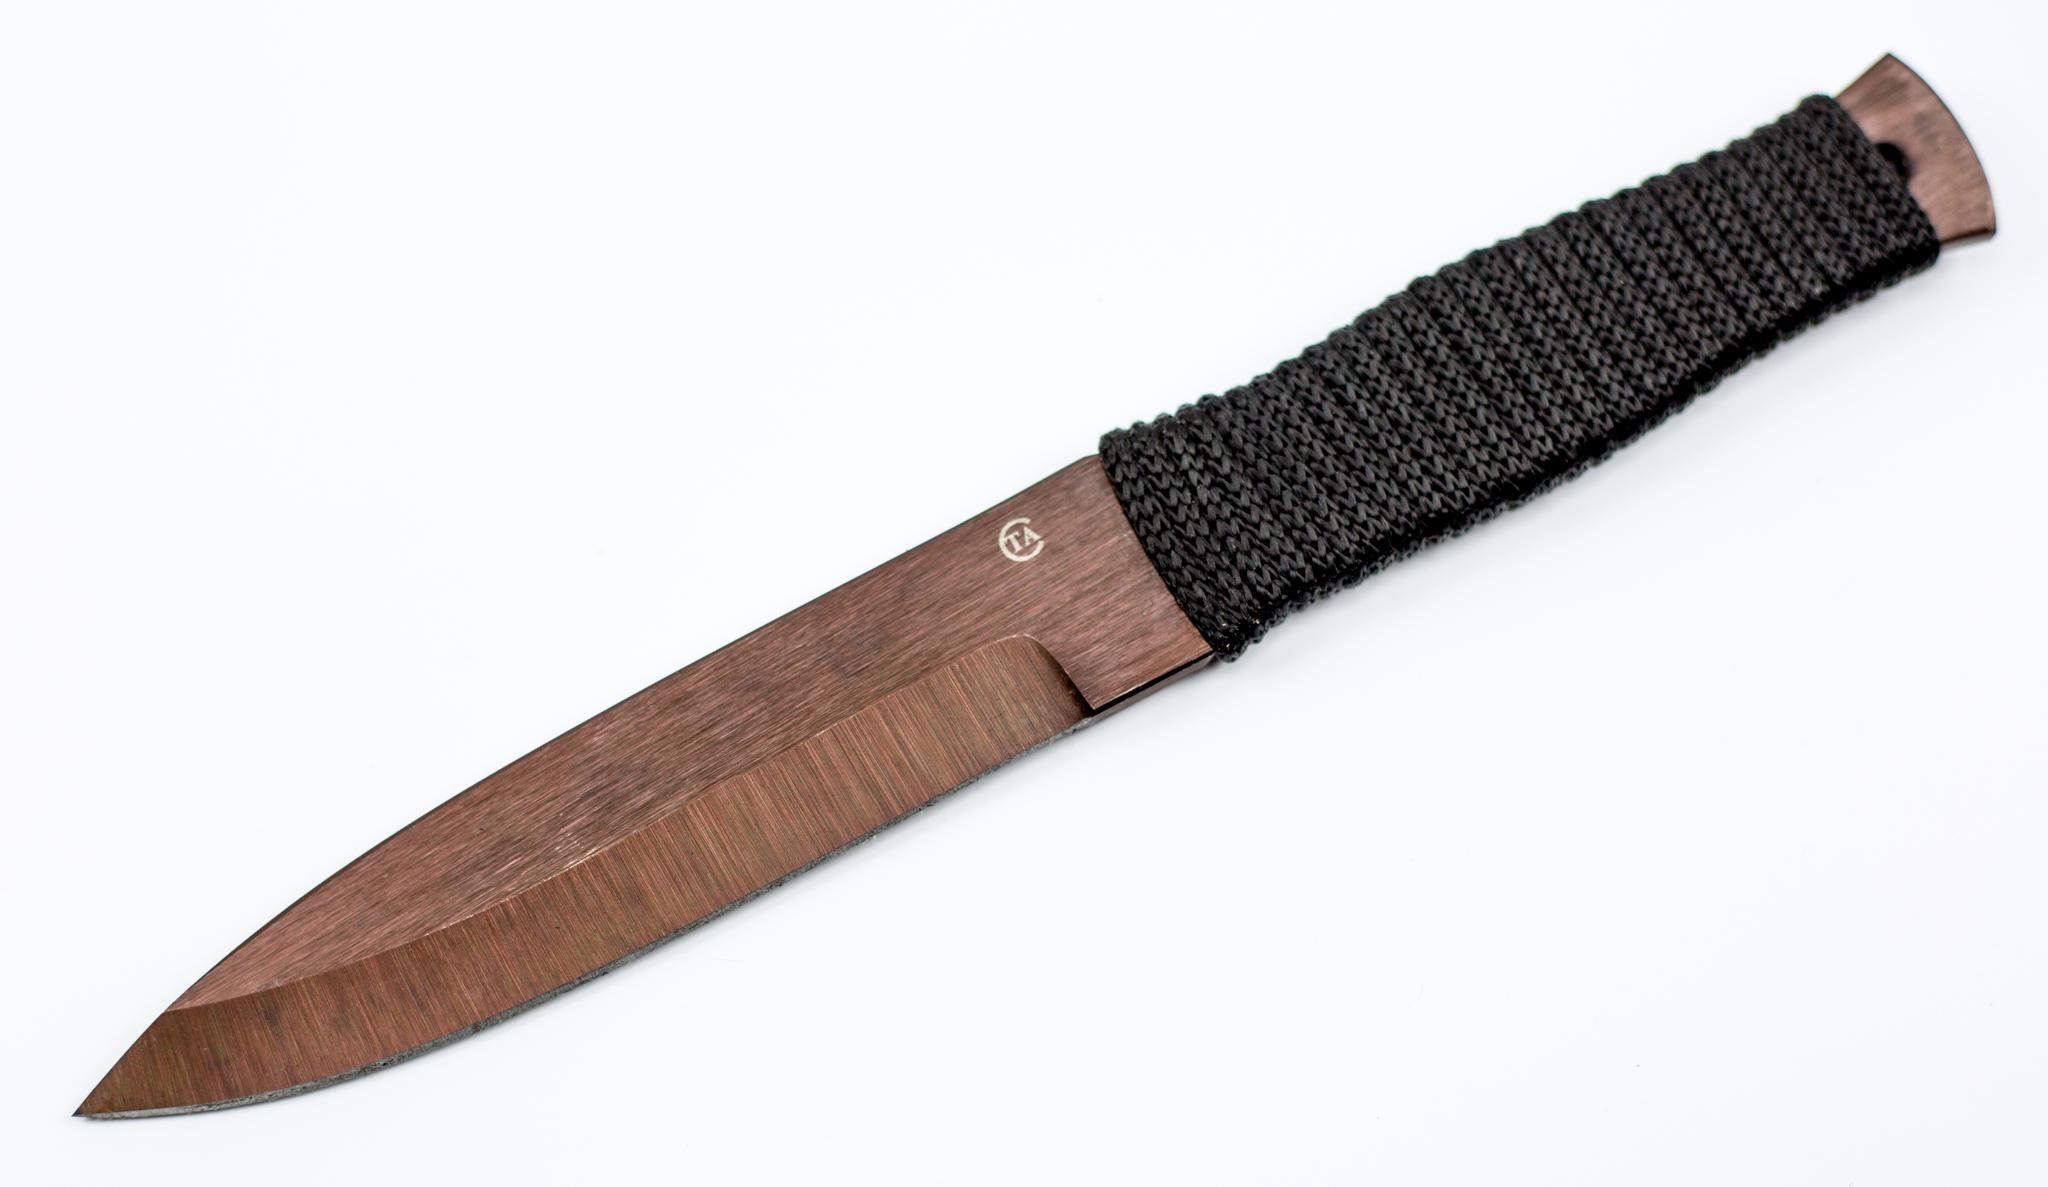 Метательный нож «Горец-3»65Г<br>Эта модель метательного ножа рассчитана на использование, как профессиональными, так и начинающими спортсменами. Общая длина ножа составляет 270 миллиметров. Нож такой длины можно использовать для броска с удержанием за клинок и для броска с удержанием за рукоять. Рукоять ножа обмотана синтетическим шнуром. Сделав несколько бросков, вы сможете подогнать баланс ножа под себя, увеличив или уменьшив количество шнура. Для хранения и транспортировки используется плотный нейлоновый чехол. На клинке размещено клеймо производителя, которое является своеобразным знаком качества продукции.<br>